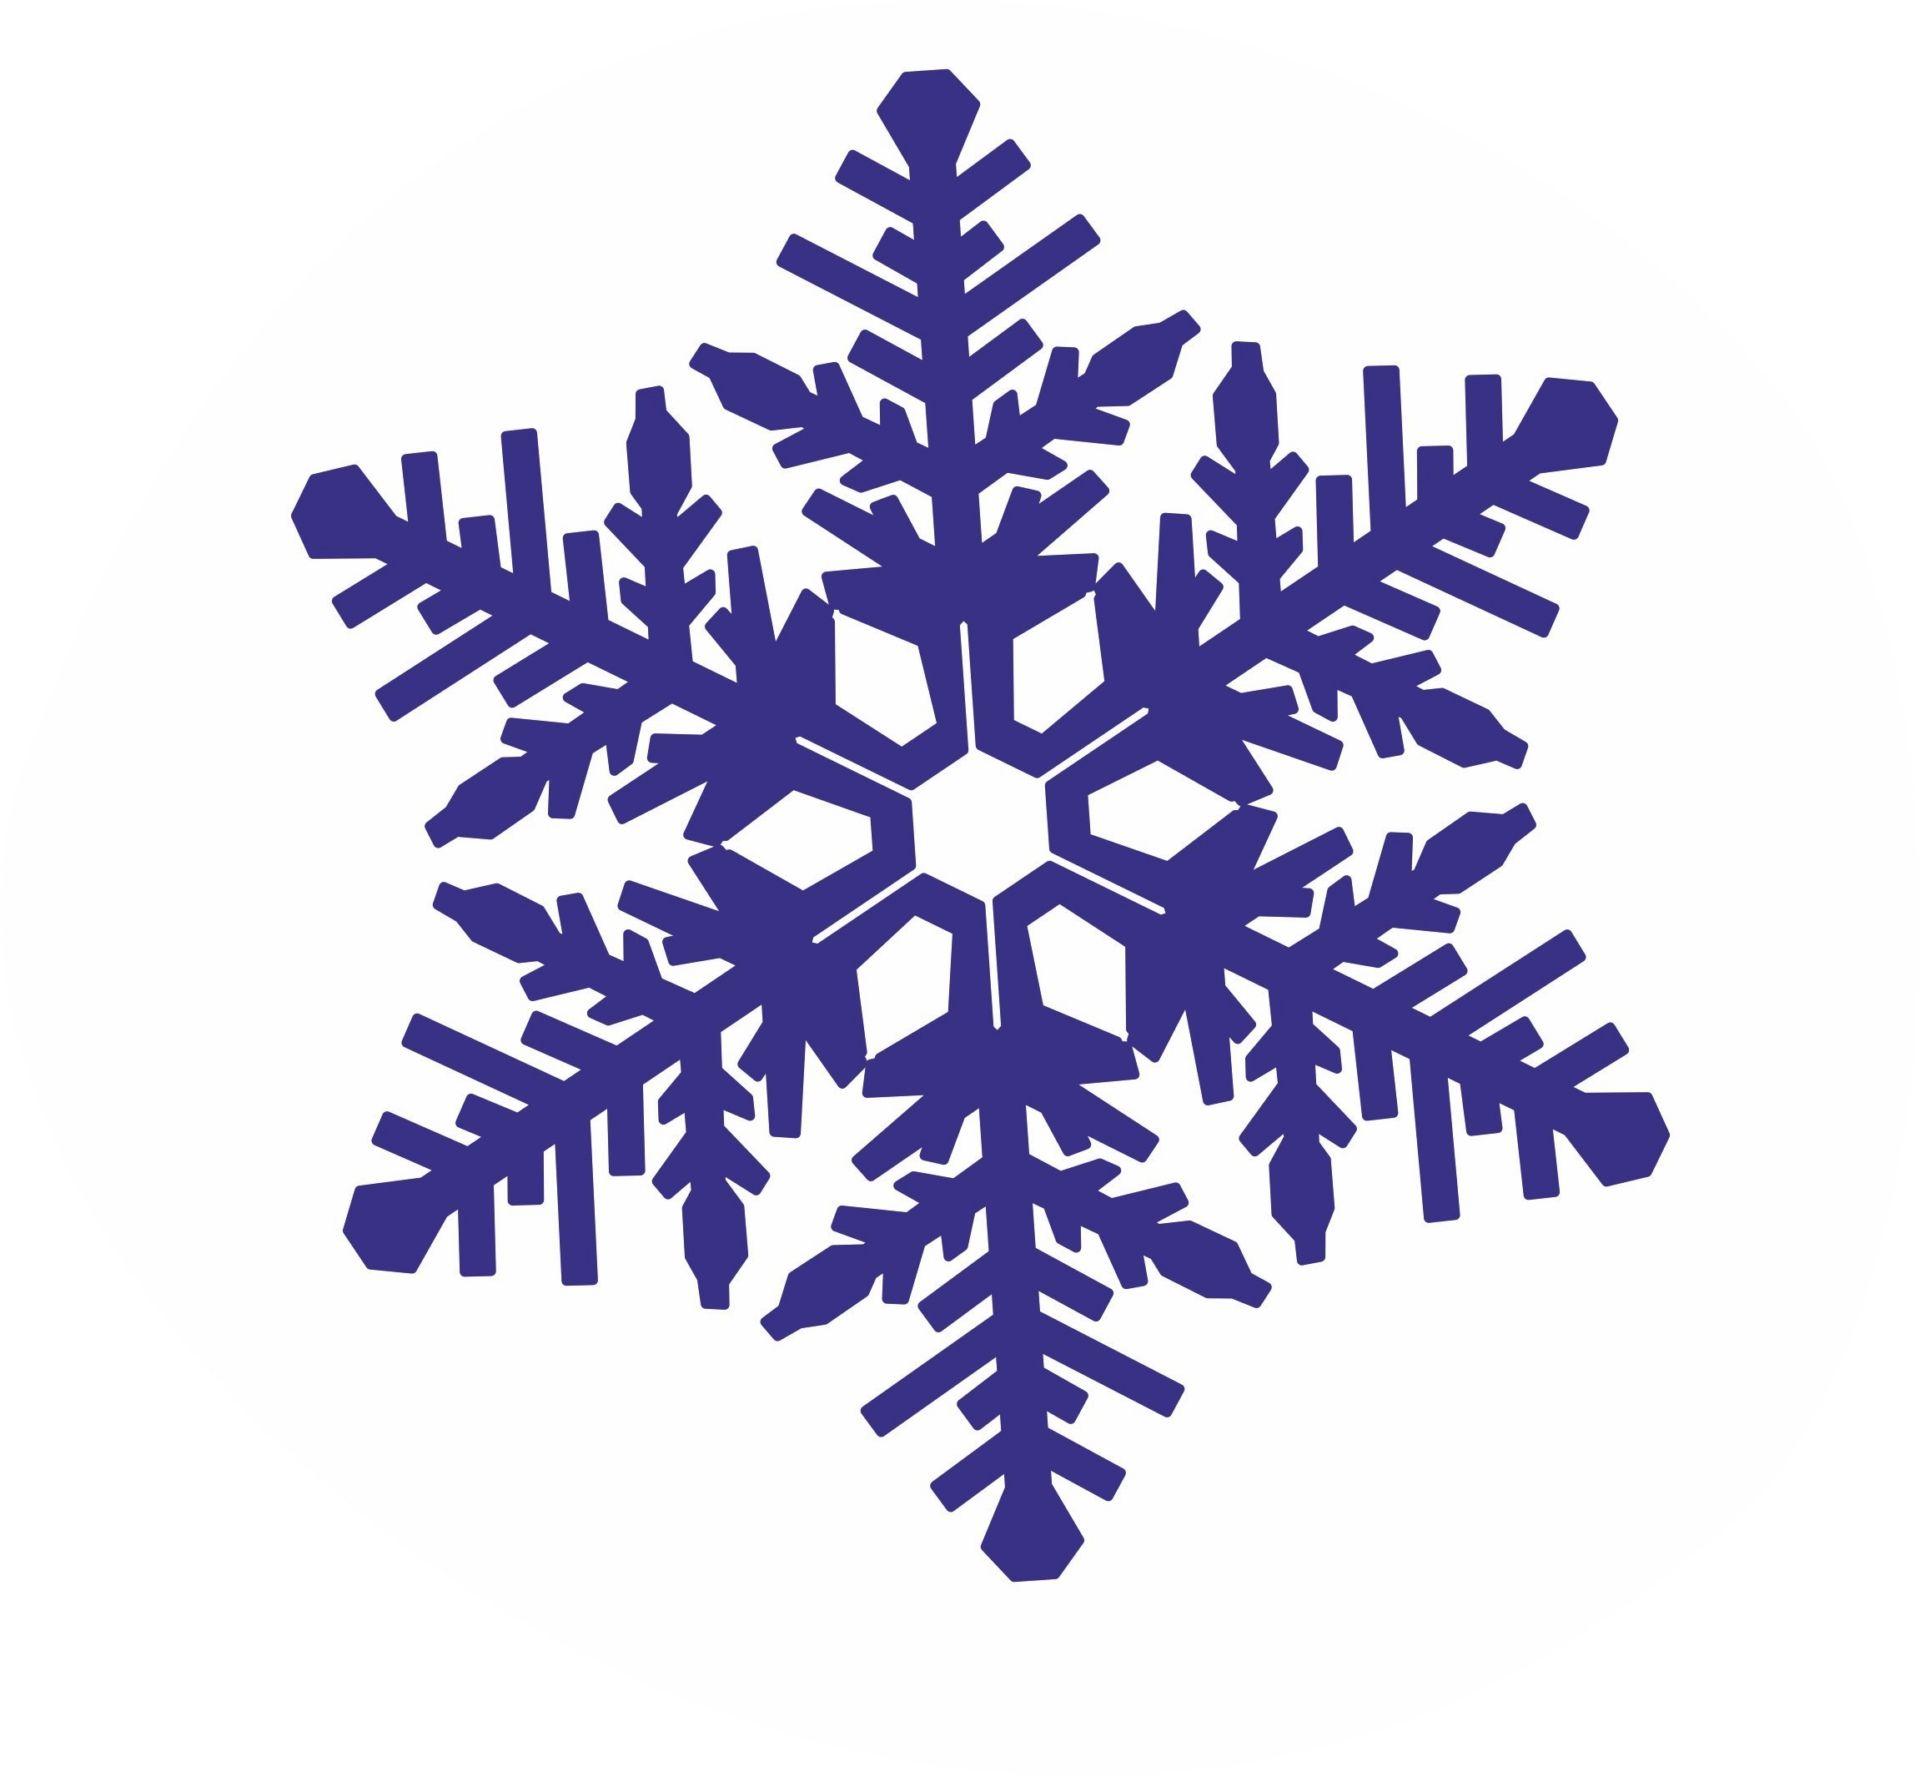 Мини-плакат вырубной Снежинка синяяТовары для оформления и проведения праздника<br>.<br><br>Год: 2017<br>Серия: Вырубные фигуры для оформления<br>Высота: 166<br>Ширина: 156<br>Переплёт: набор